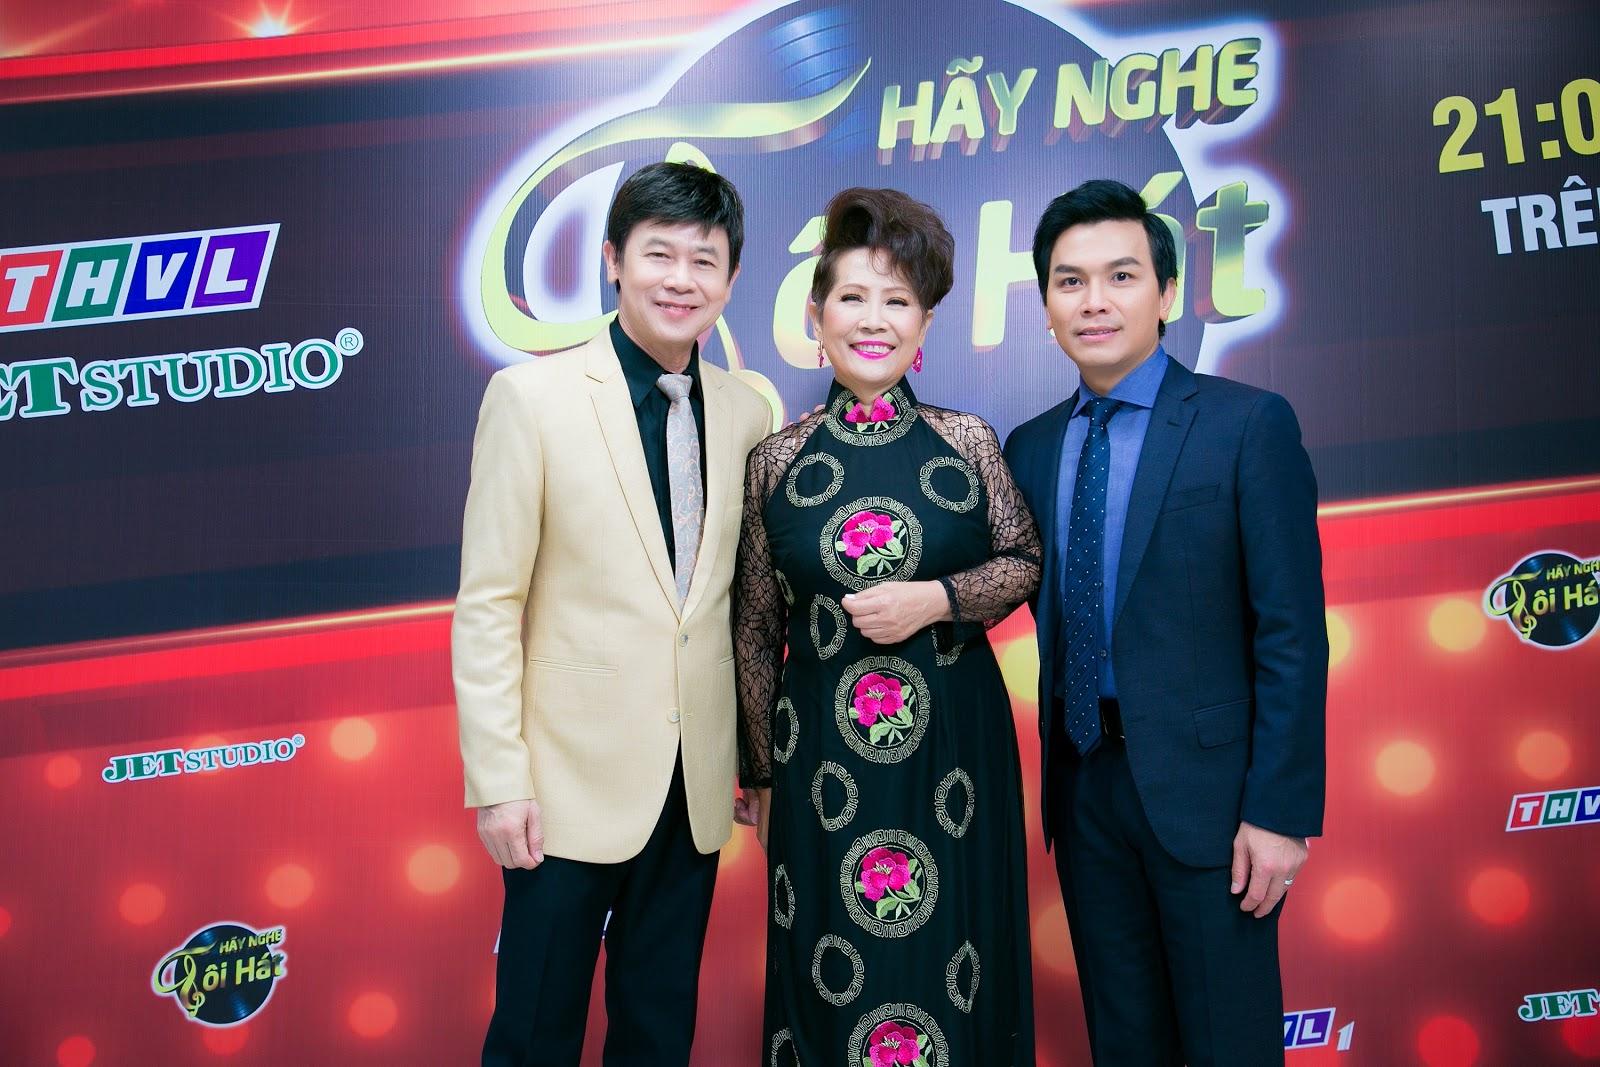 Lỡ duyên cùng Phi Nhung, Mạnh Quỳnh đang sống viên mãn cùng vợ đẹp và 2 con trai kháu khỉnh tại Mỹ - Hình 6